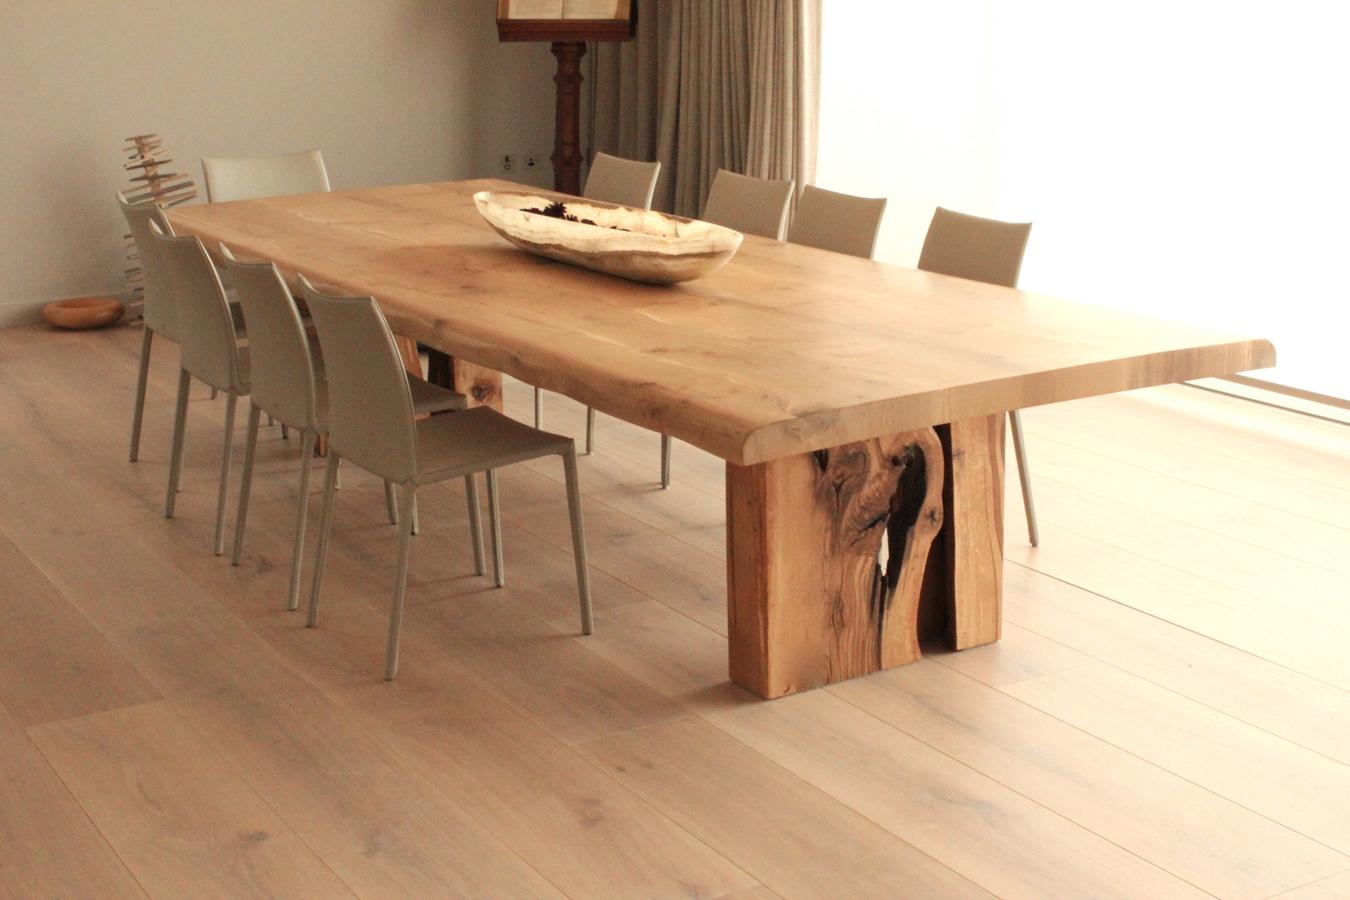 20-Oak-dinning-table-for-FJ_1.jpg